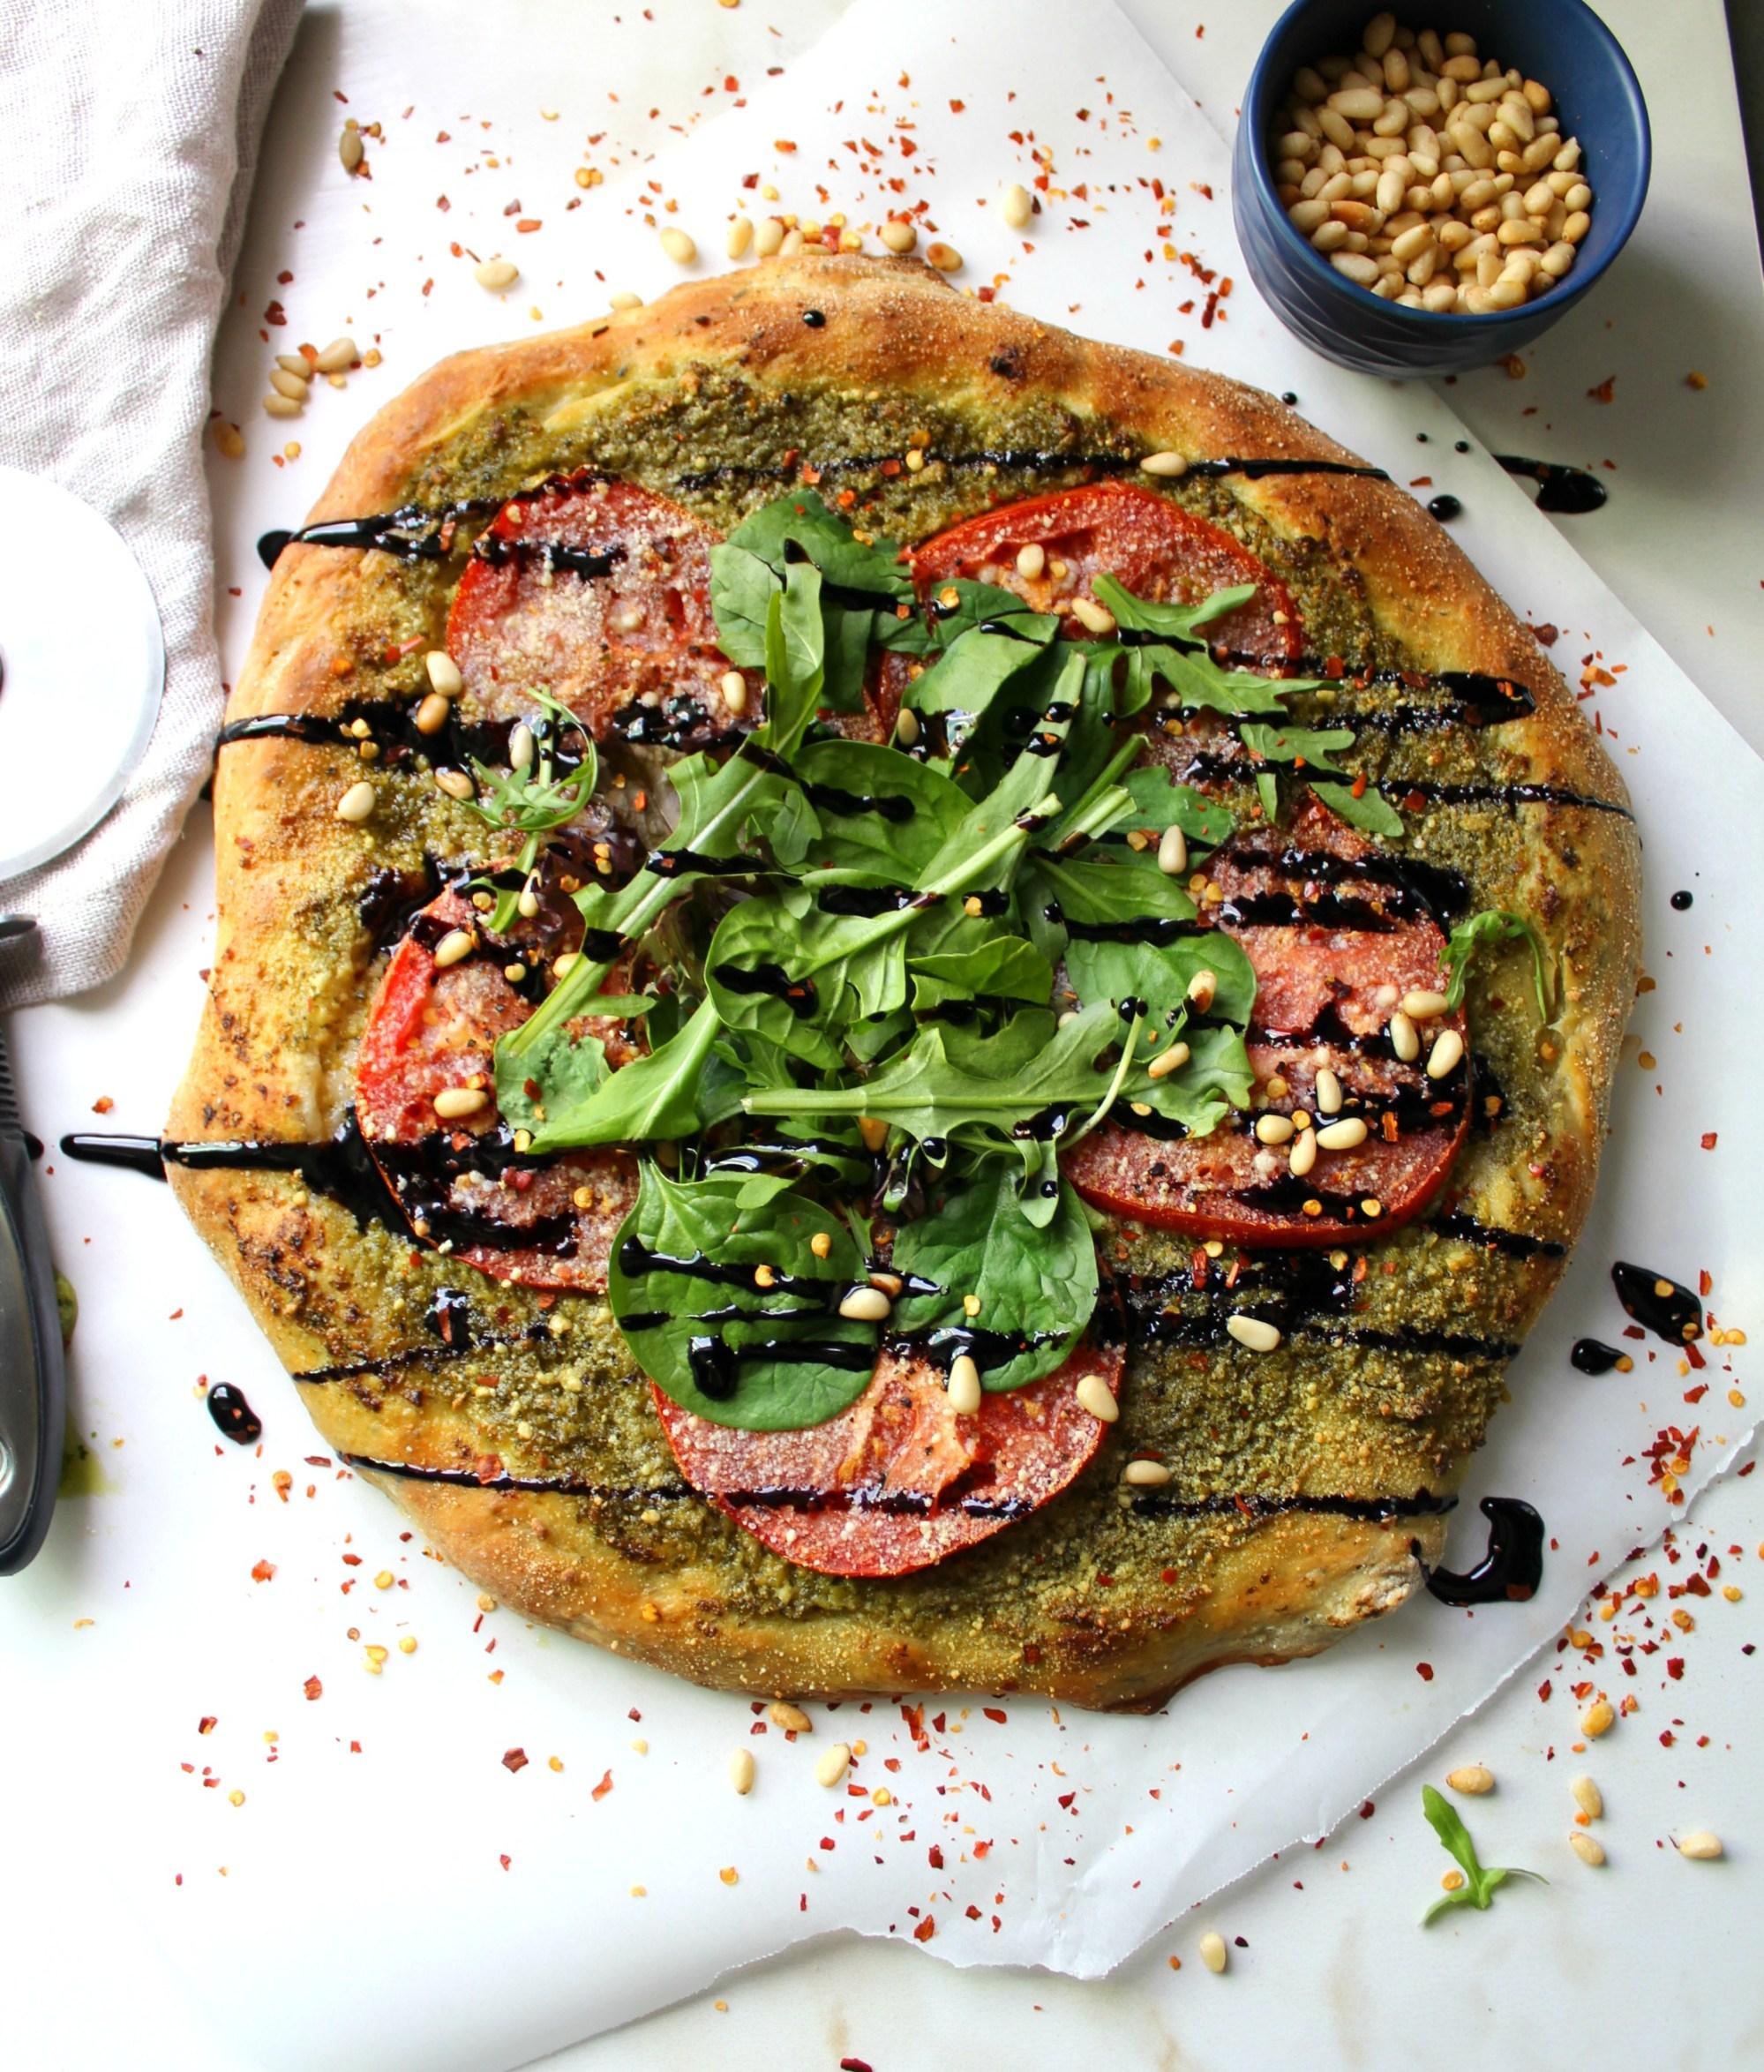 15 ricette a base di pesto genovese: Pizza vegana al pesto con glassa balsamica di This Savory Vegan